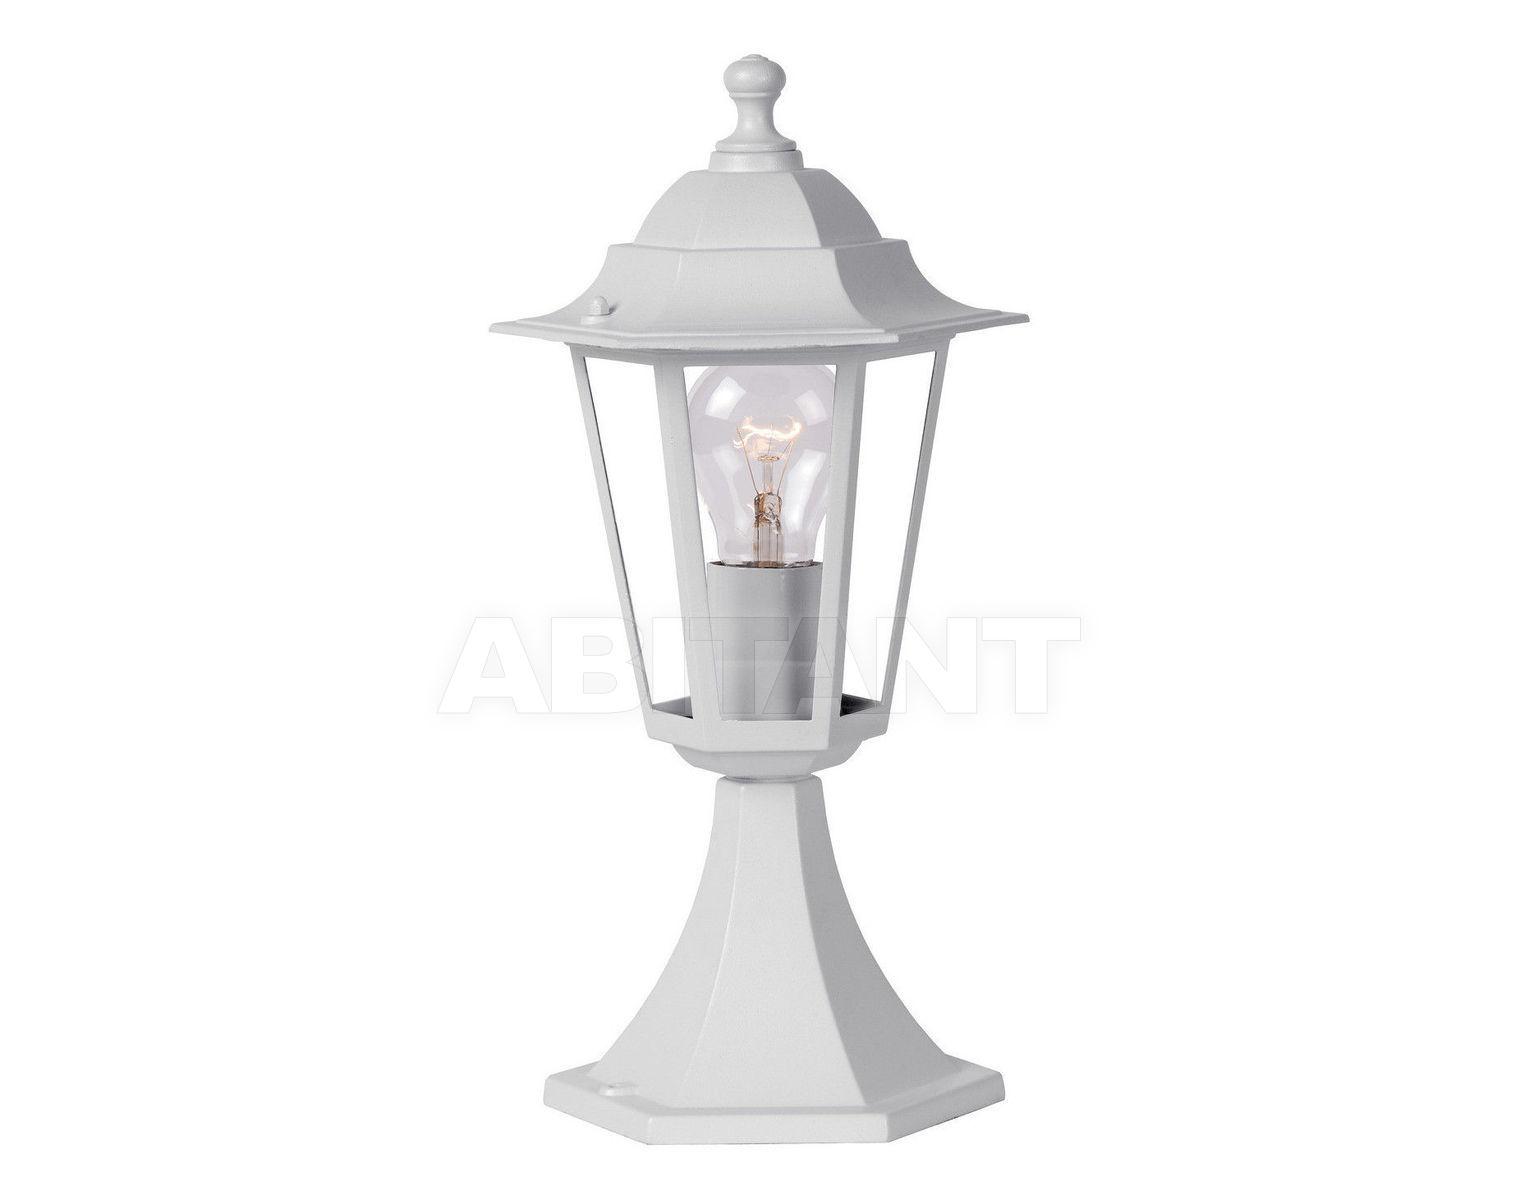 Купить Садовый светильник Lucide  Outdoor 2013 27807/01/31